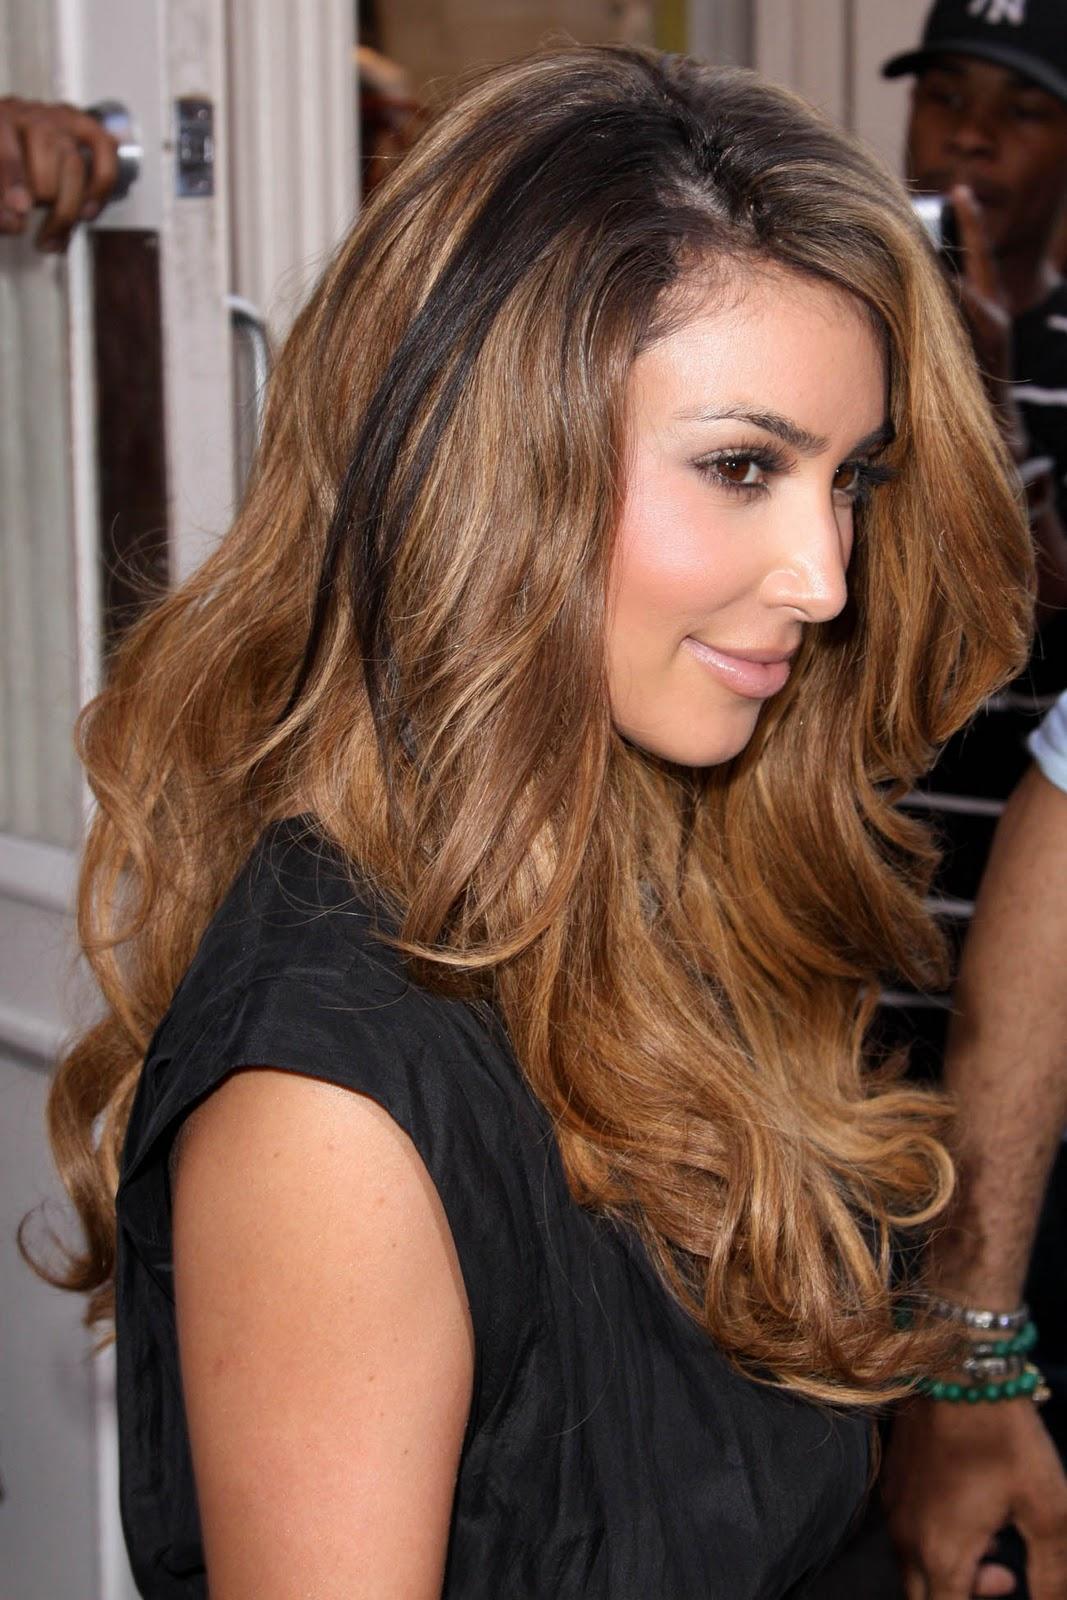 kim-kardashian-hair2-hitomikomori-blogspot-com-1240918479_kim_kardashian_bad_hair_3_big